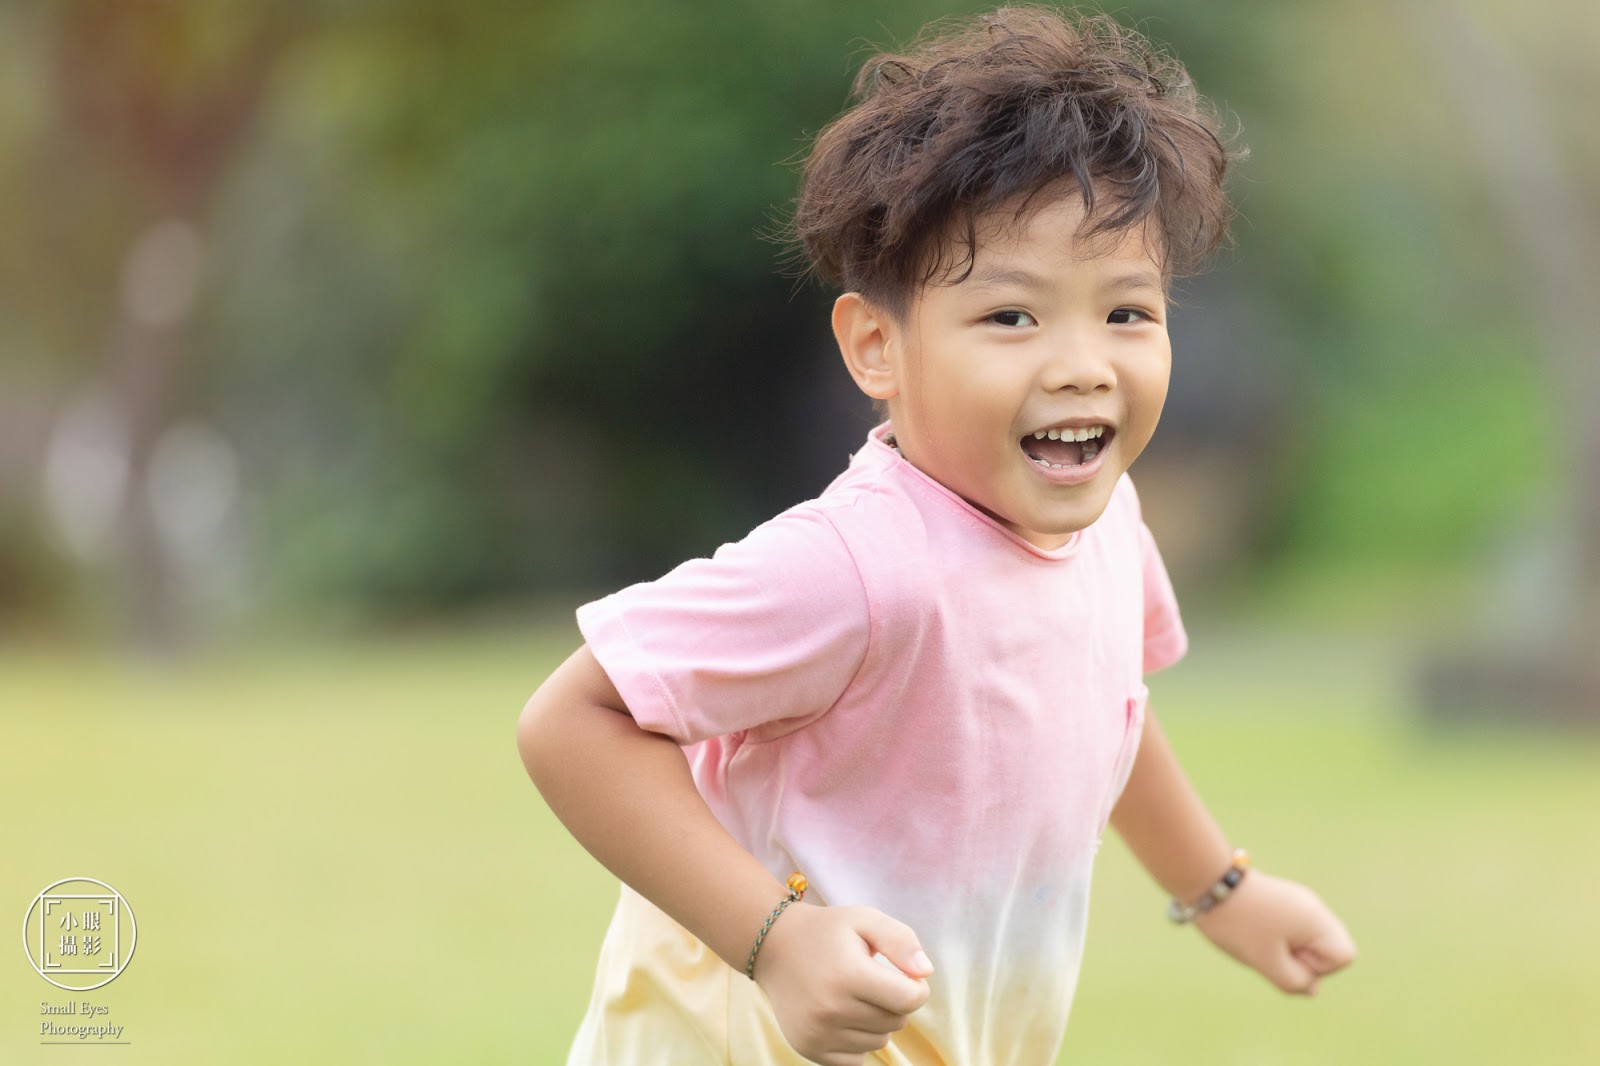 小眼攝影,人像,家庭,親子,幼兒,兒童,寶寶,小孩,寫真,攝影,全家福,金山,朱銘美術館,戶外,兒童戲水,玩水